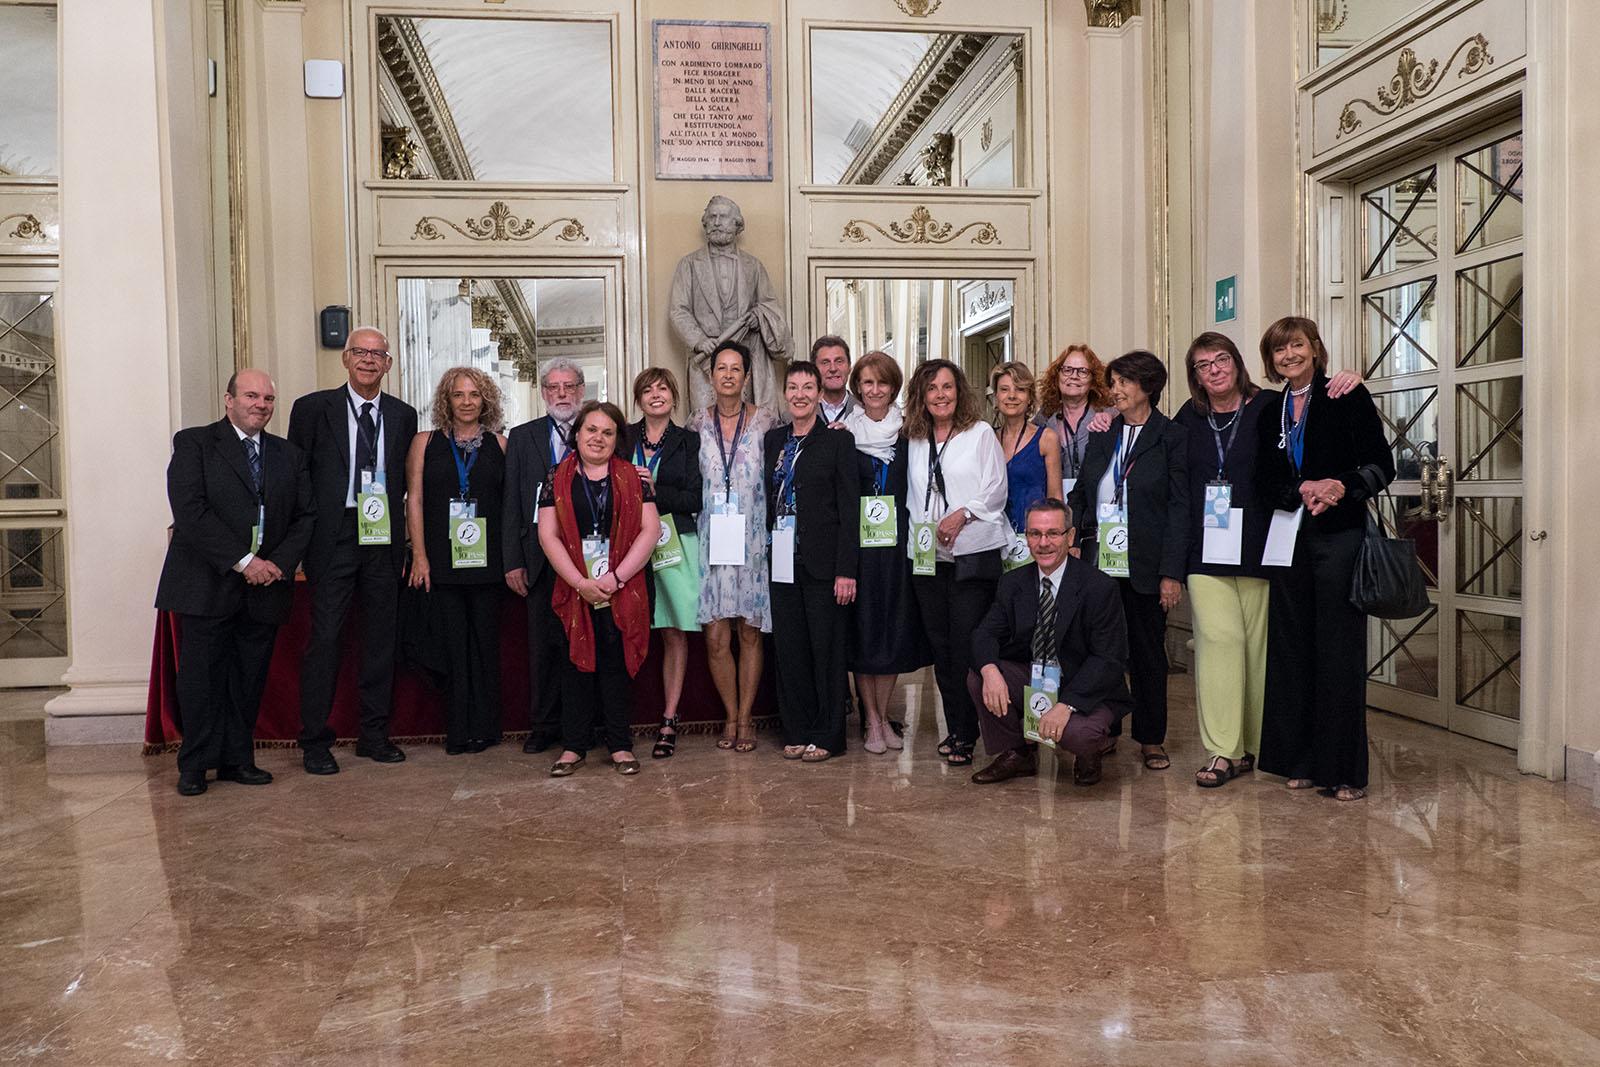 Alcuni dei volontari che hanno contribuito al successo del festival MITO SettembreMusica 2017